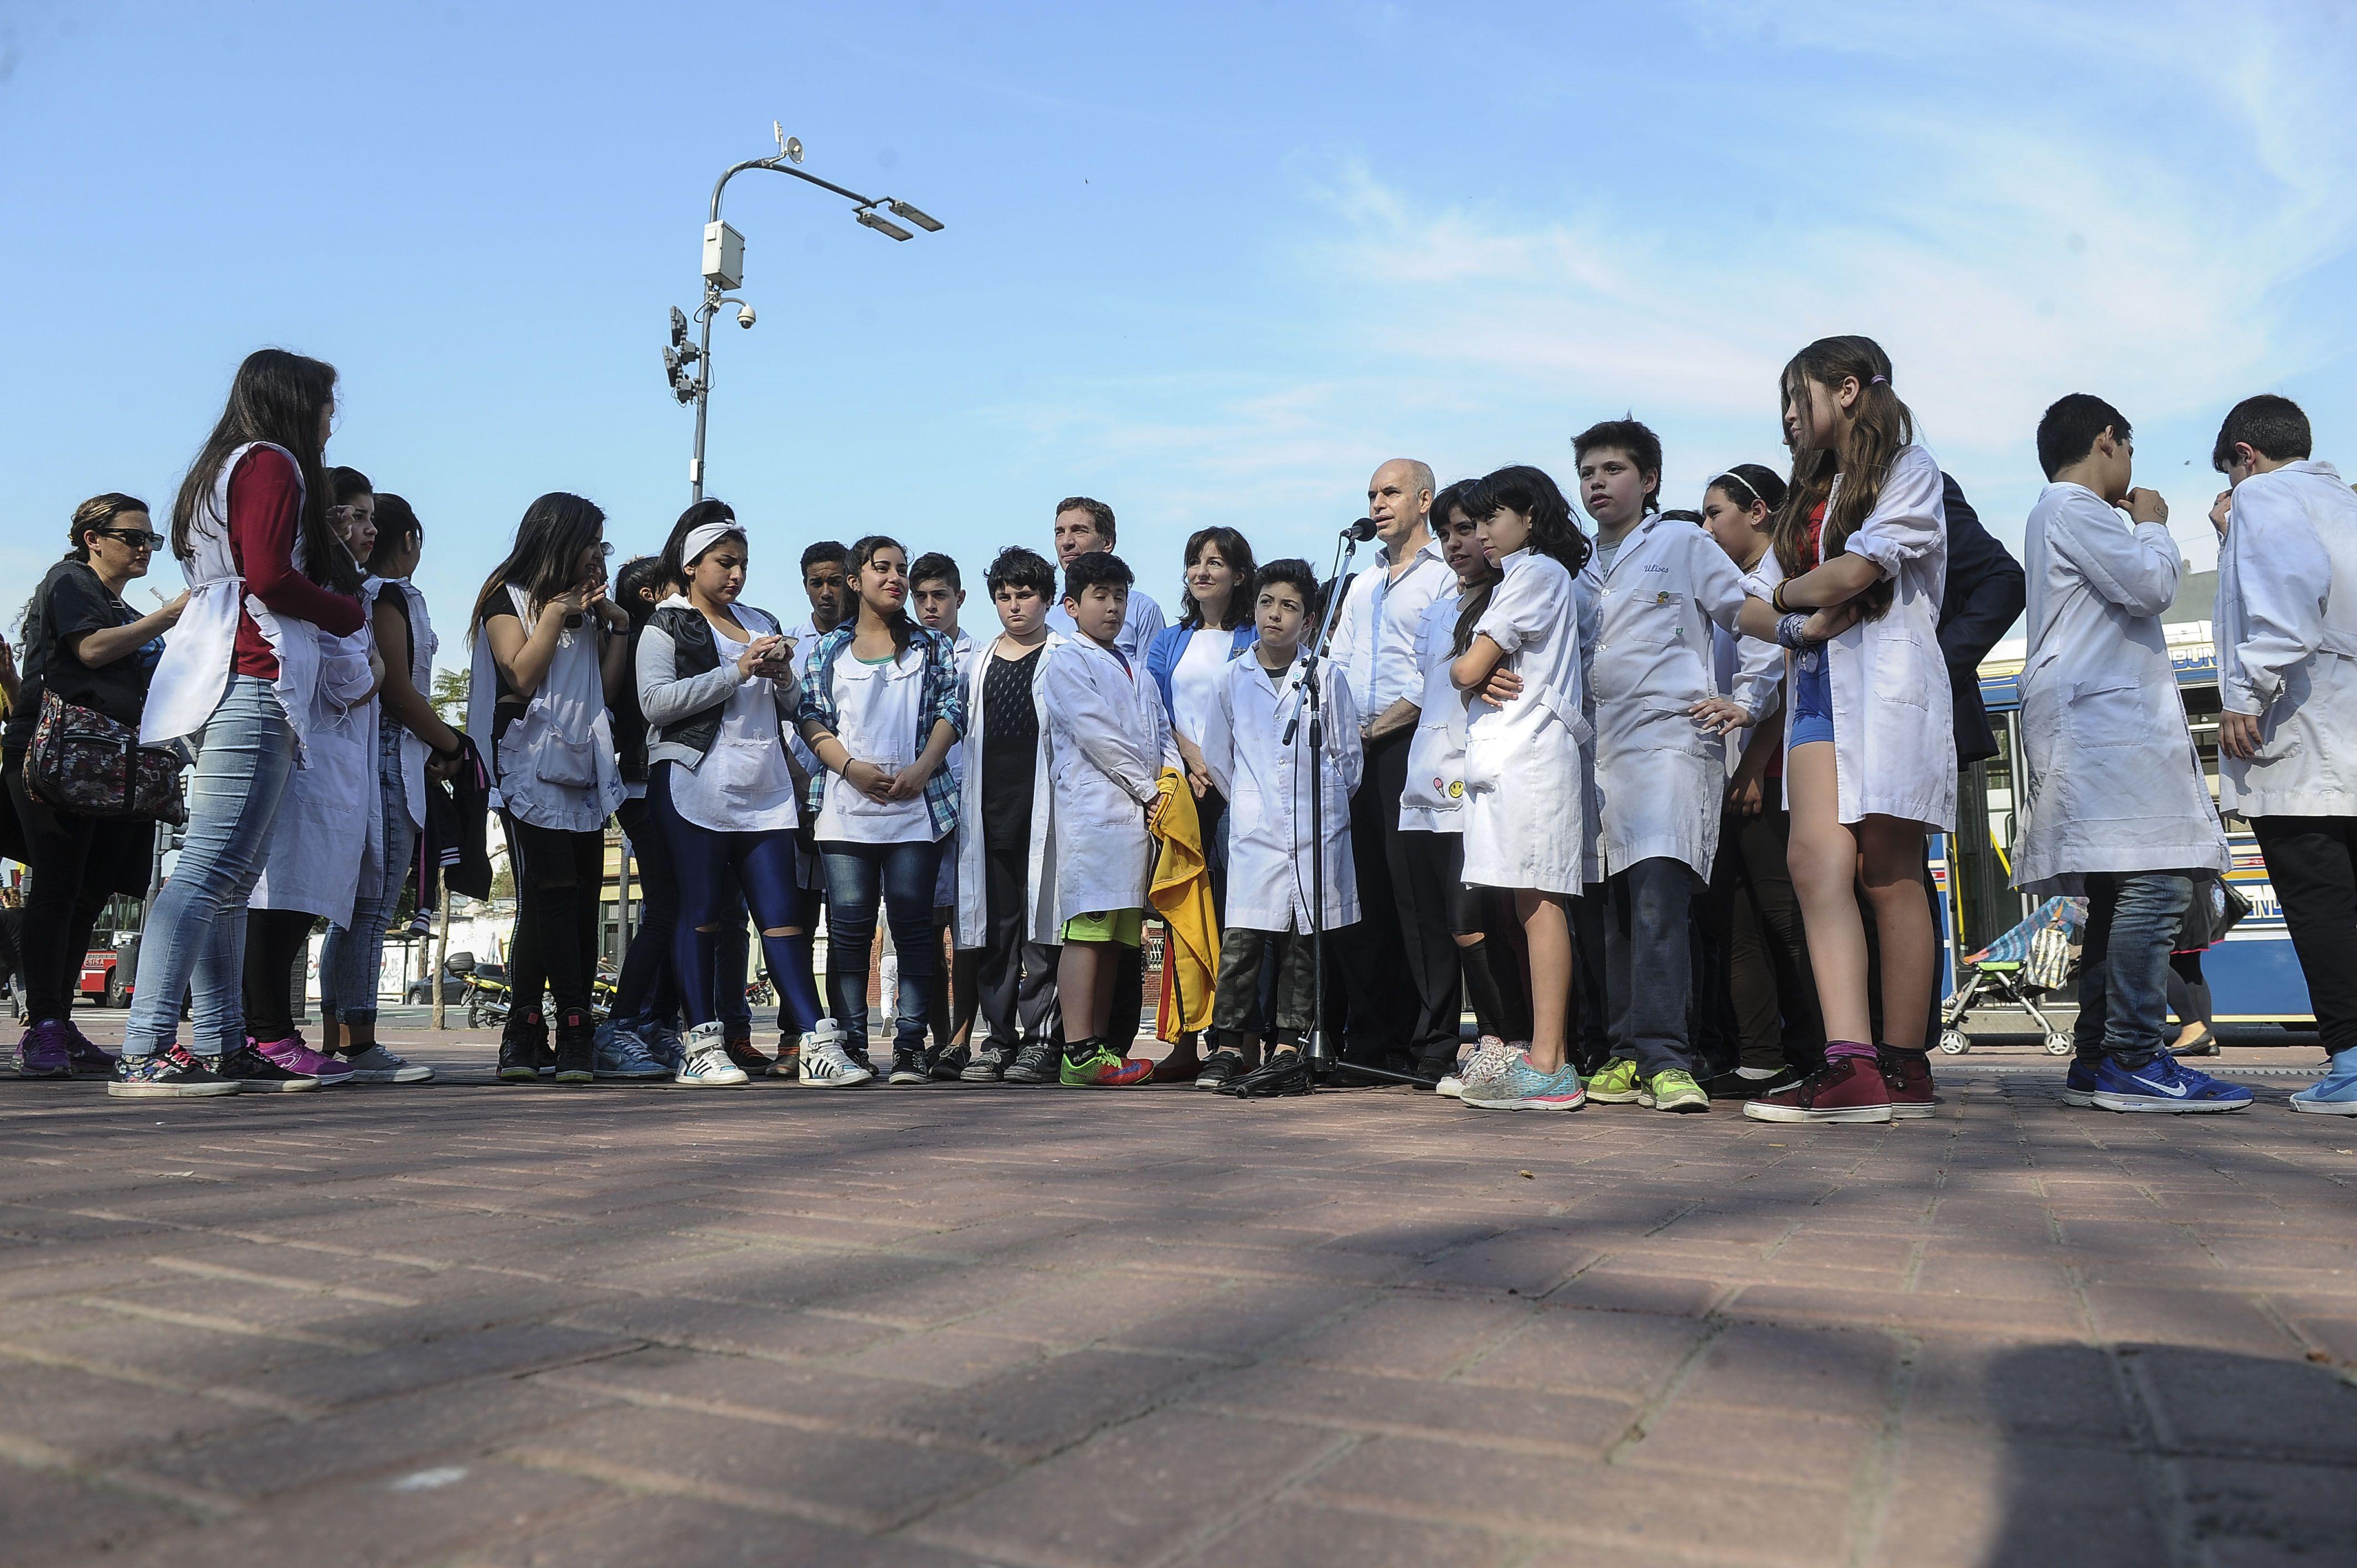 La ciudad de Buenos Aires implementará el boleto estudiantil gratuito